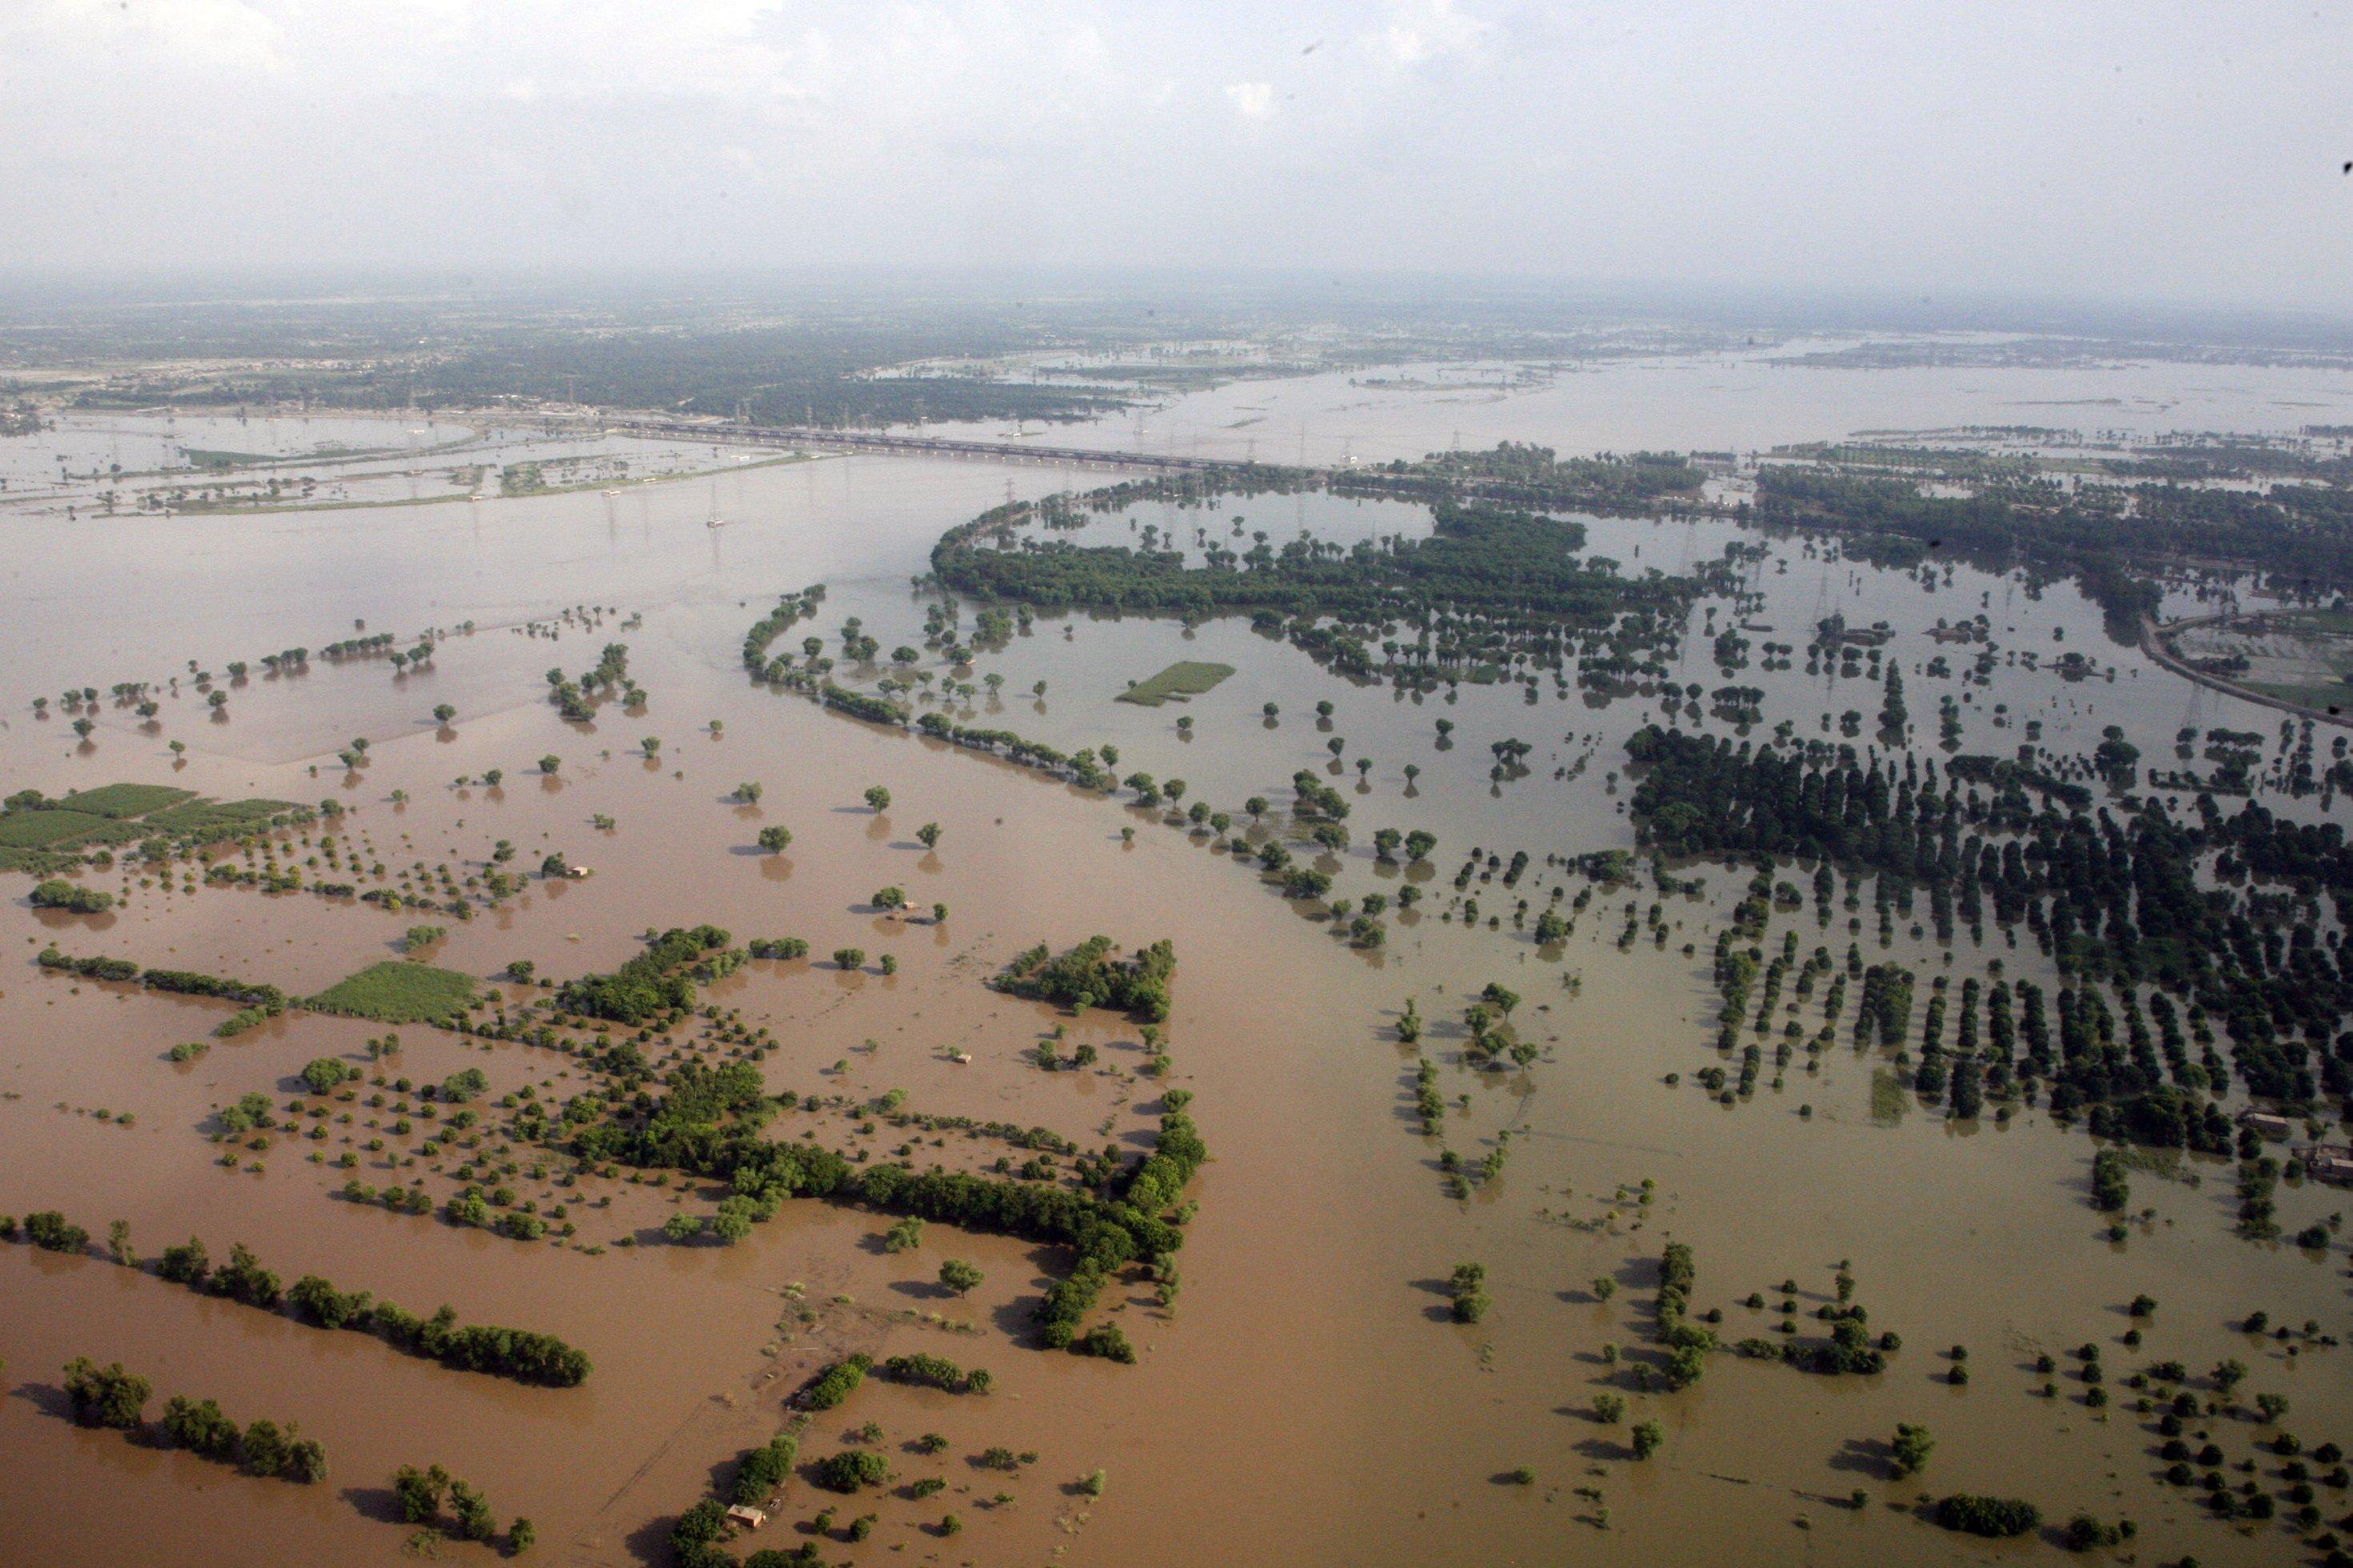 Luftaufnahme von überfluteten Feldern und Dörfern in der pakistanischen Provinz Punjab, nahe der Stadt Multan, im Sommer 2010.